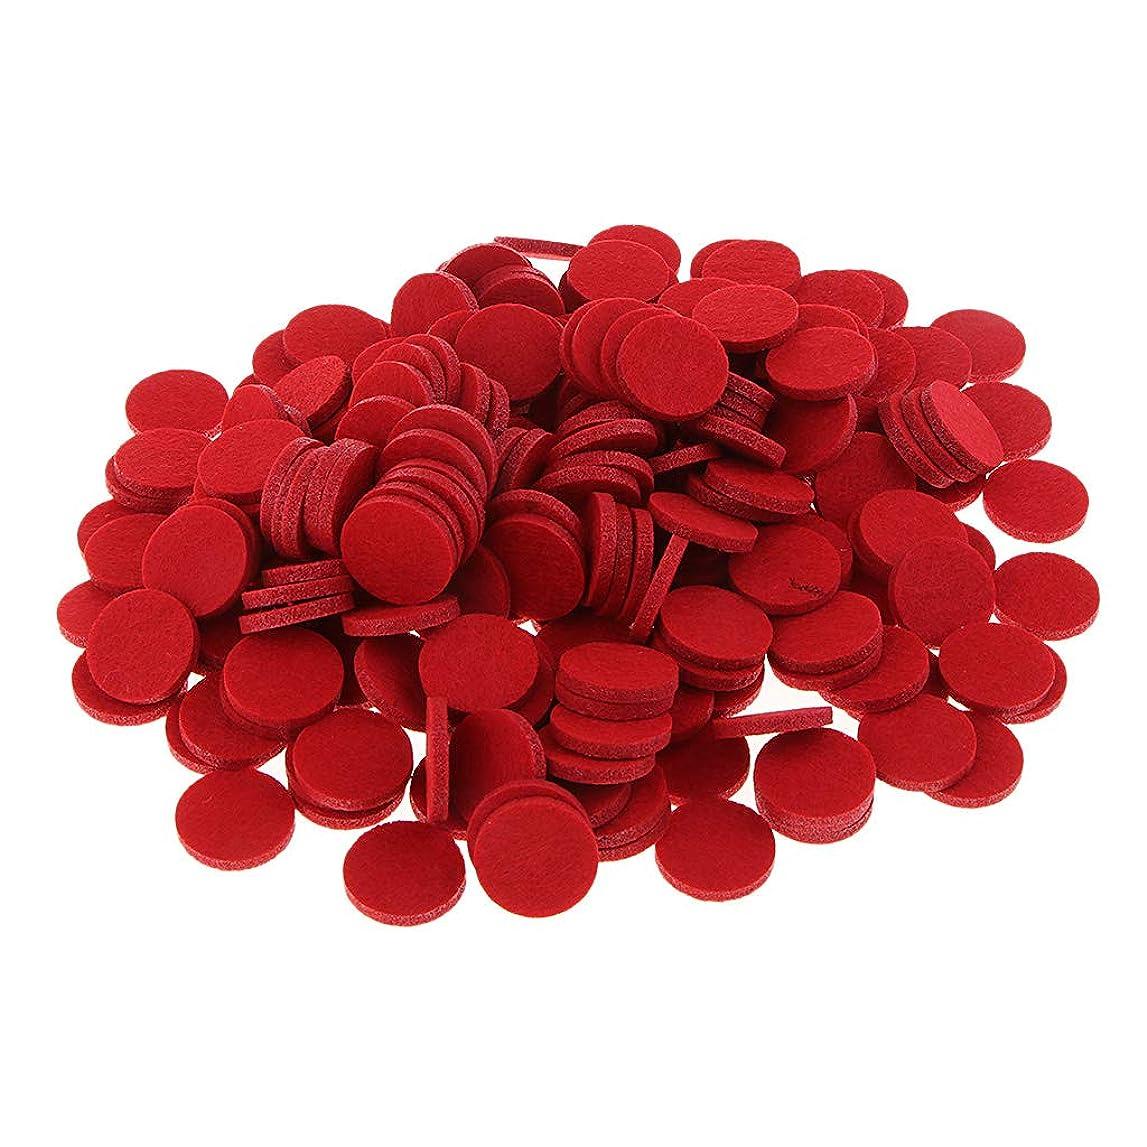 高価な共役湿度Fenteer 約200個入り 詰め替えパッド 精油付き アロマディフューザー 交換用 オイルパッド 全11色 - 赤